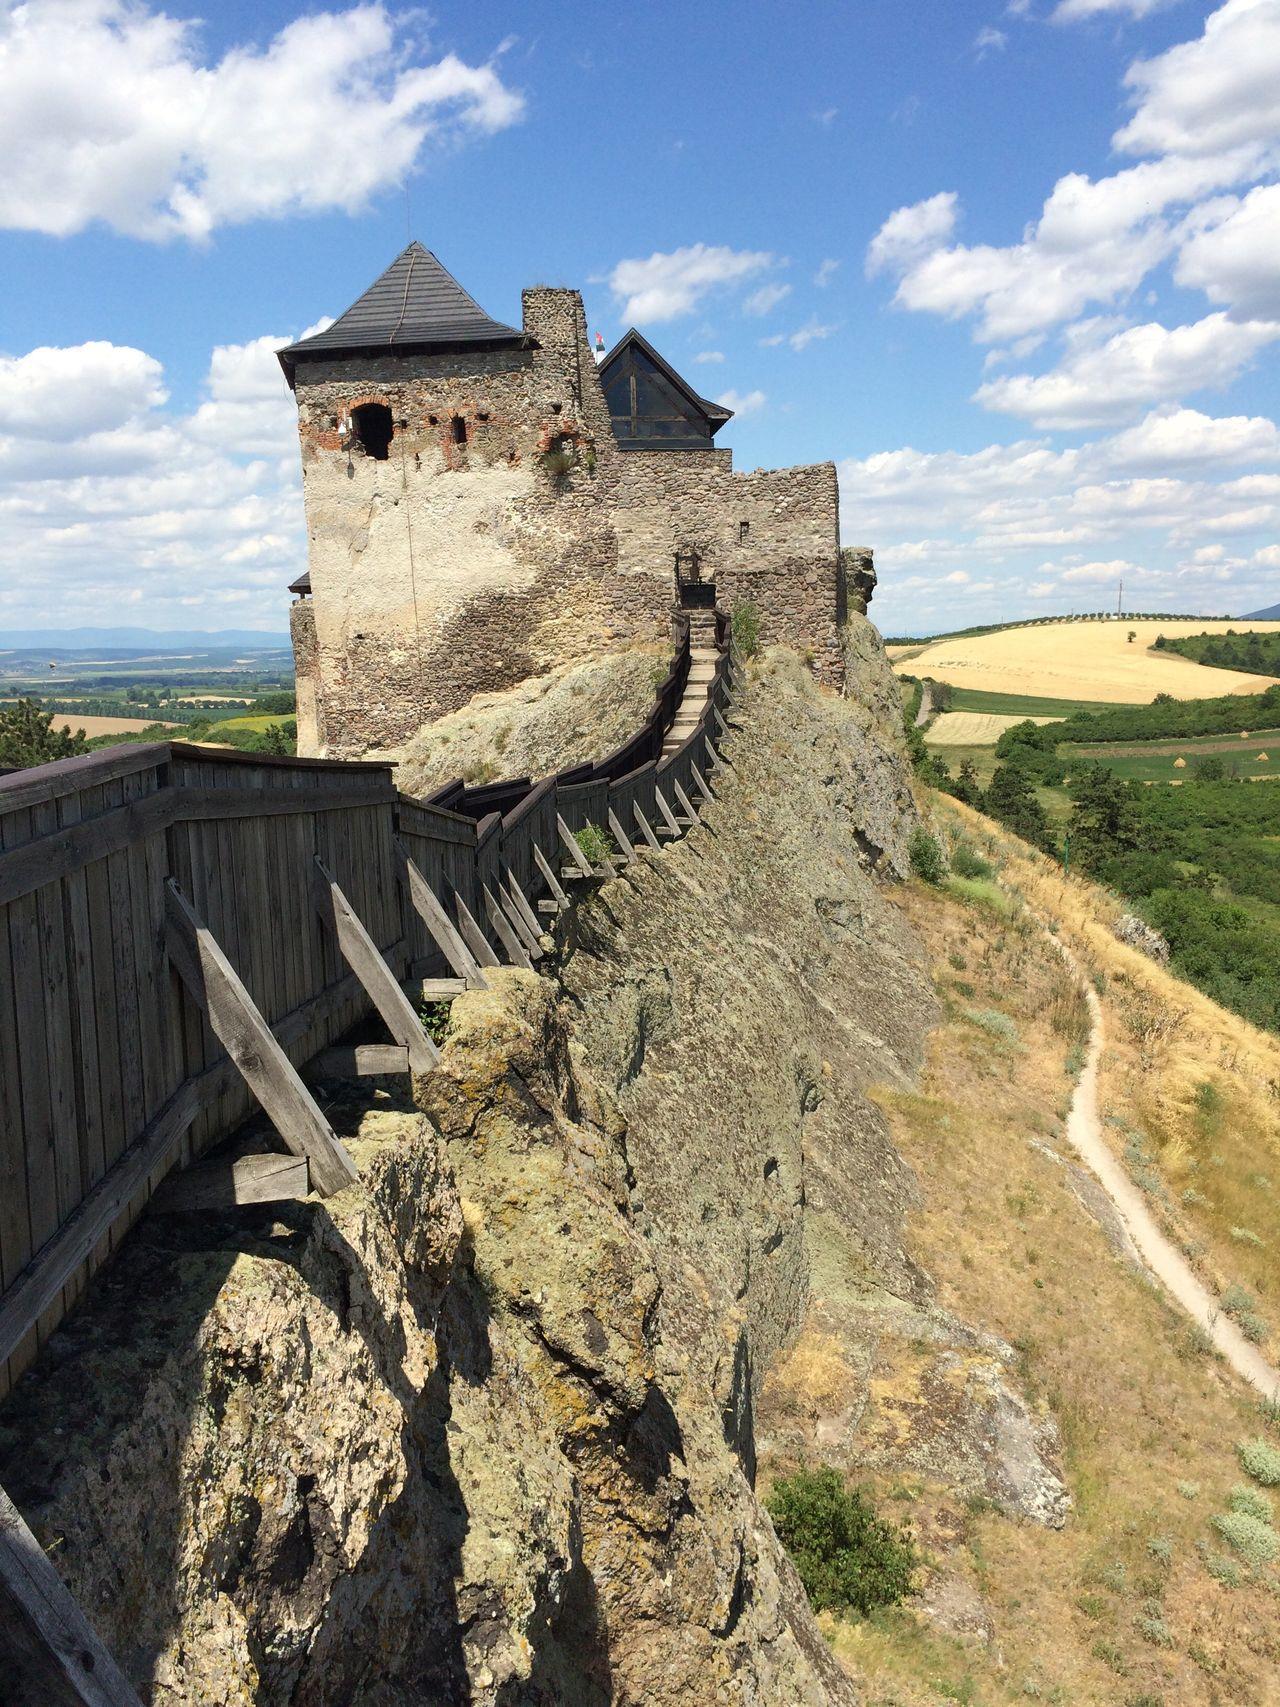 Middle Age Castle View  Castle Walls